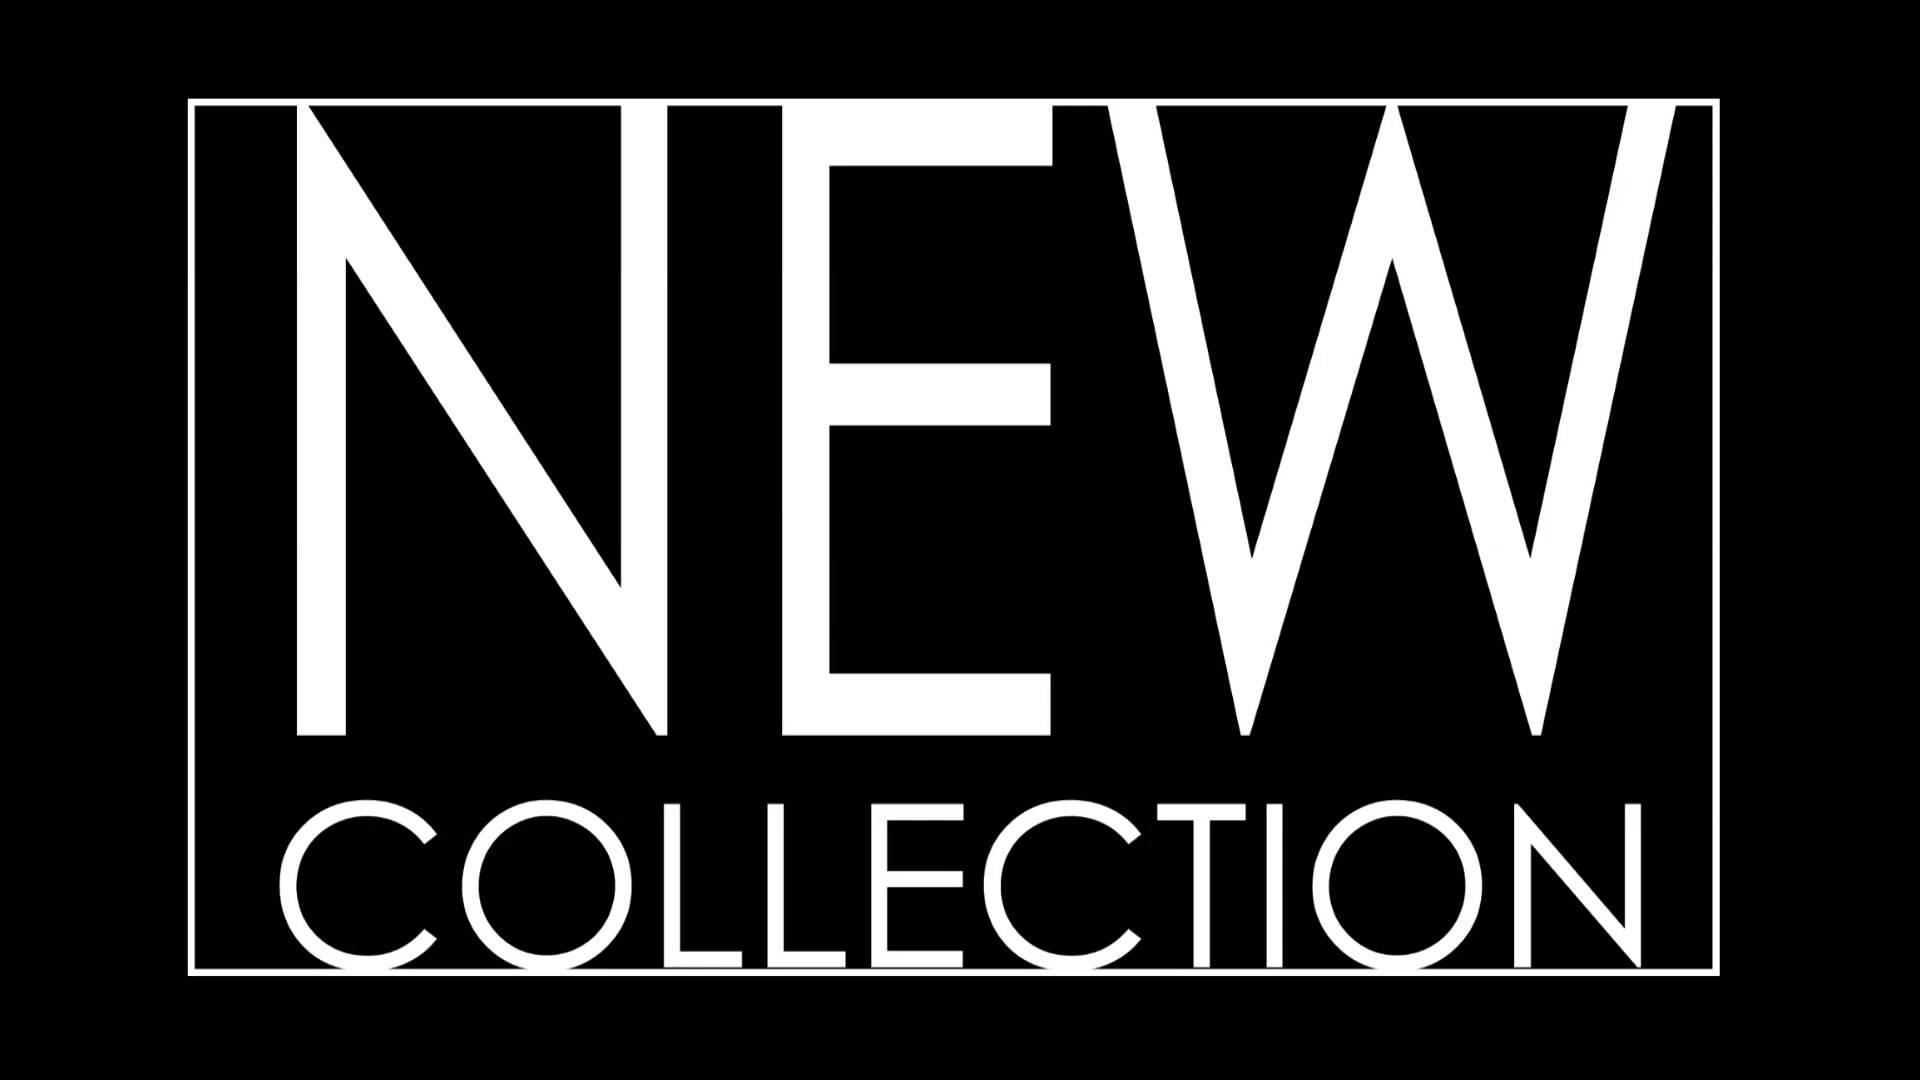 Внимание! Новая коллекция!